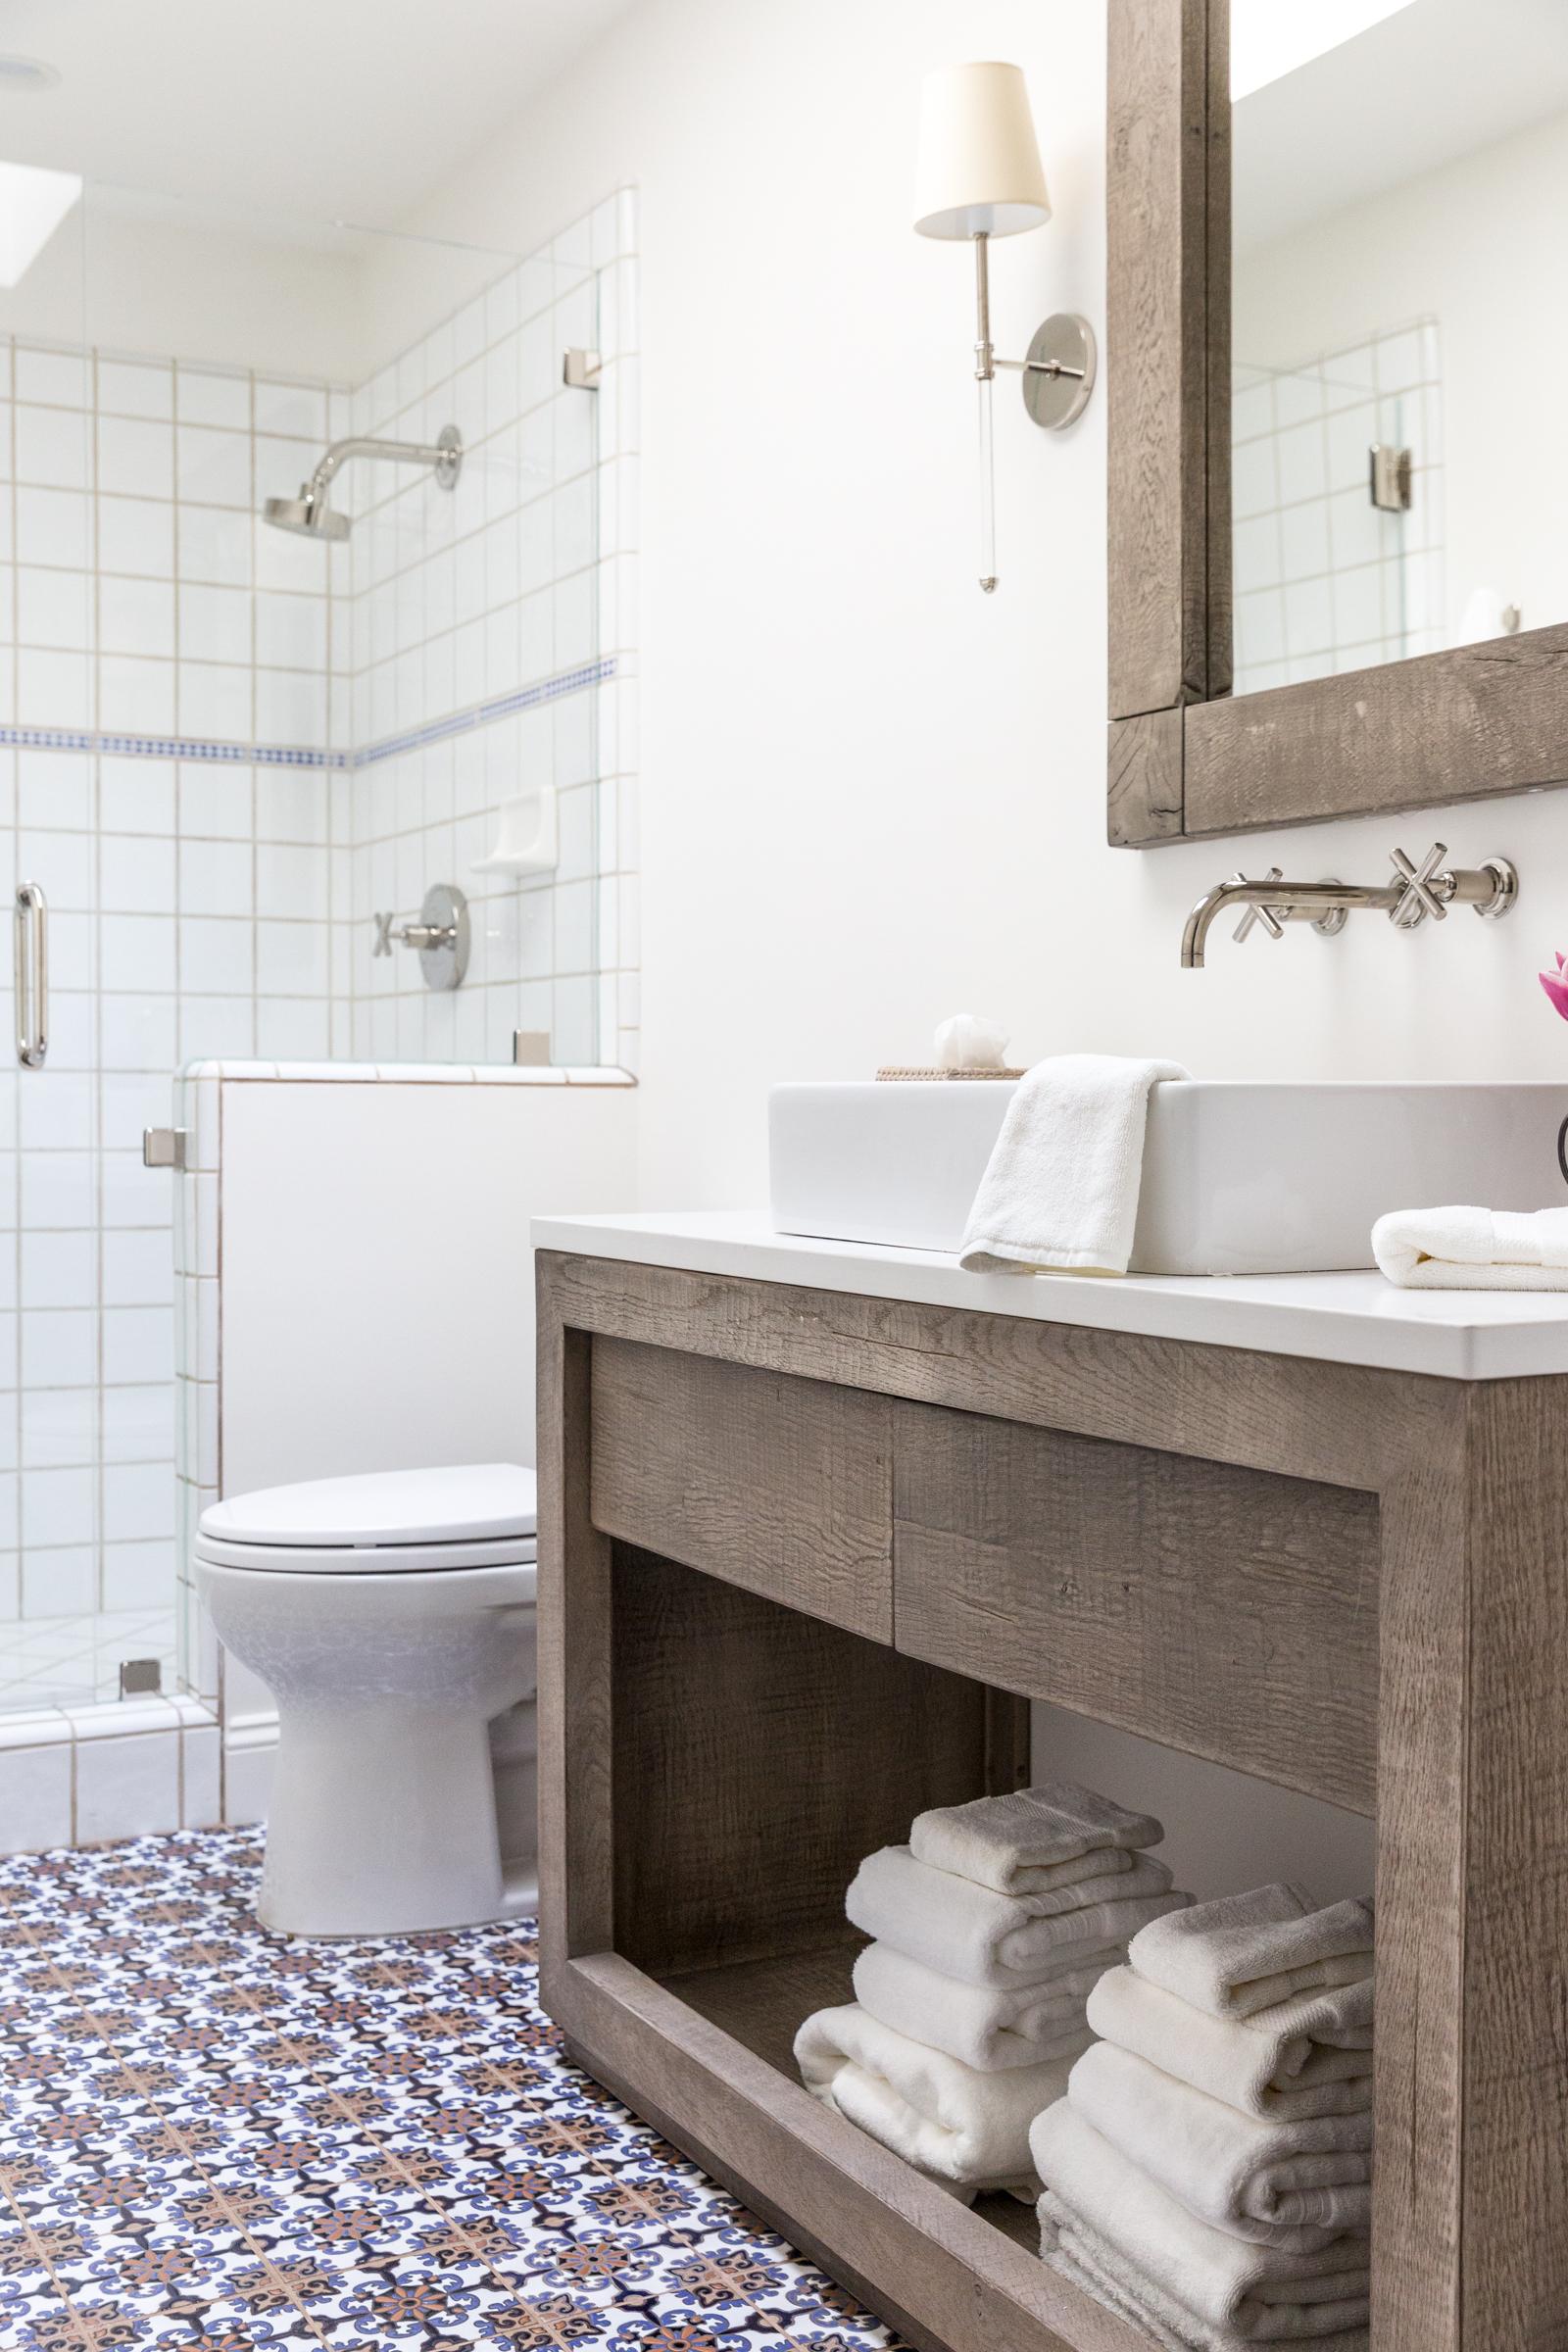 celeste_bathrooms-16.jpg